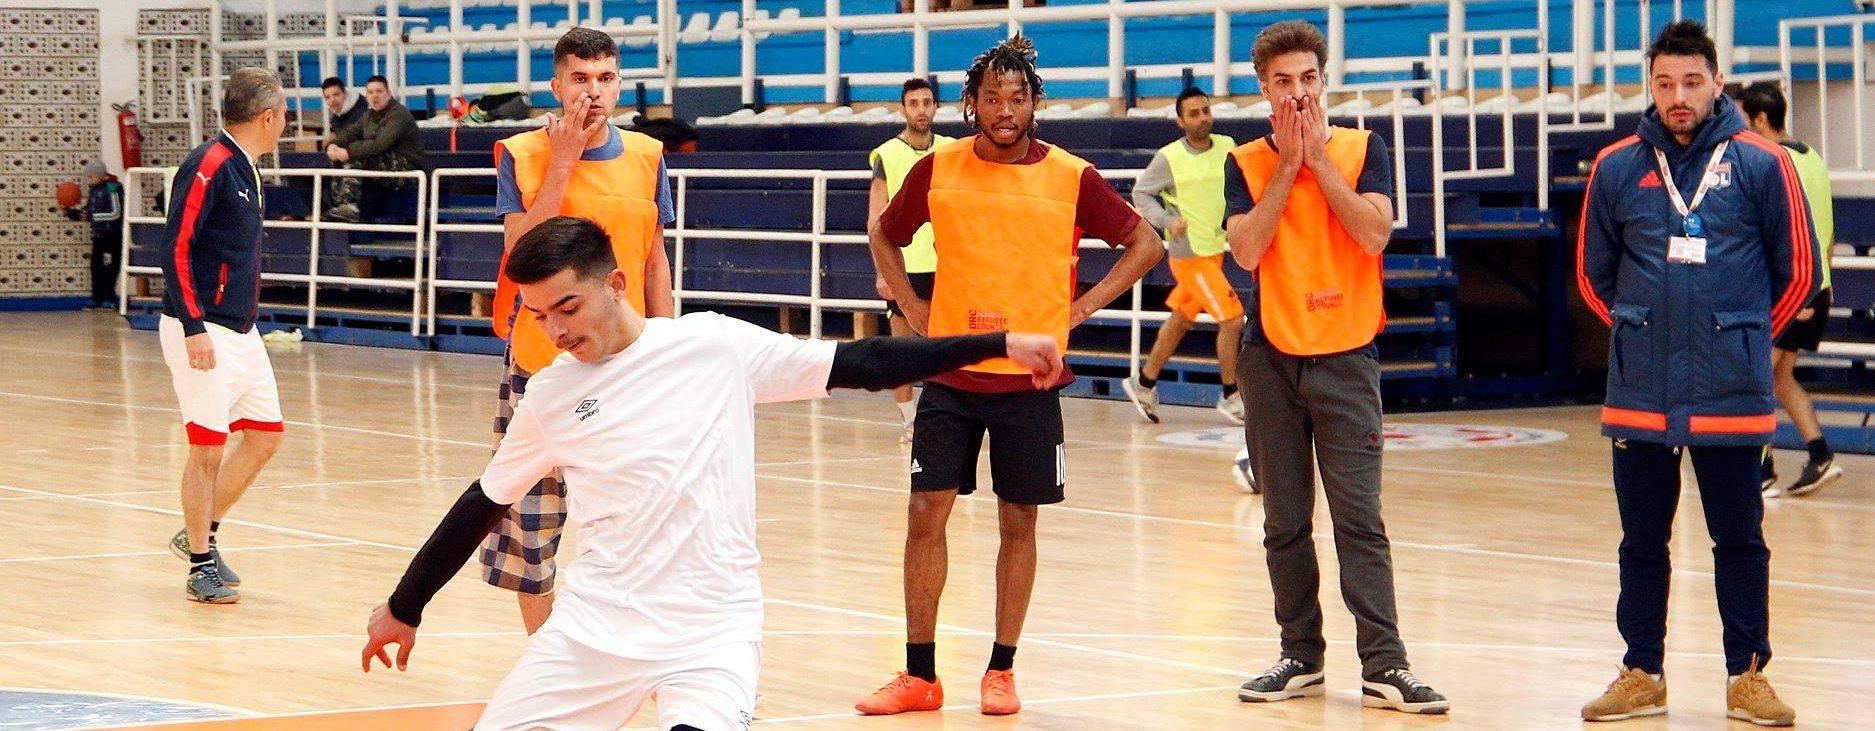 Migranti iz Bujanovca učestvovali na turniru u malom fudbalu